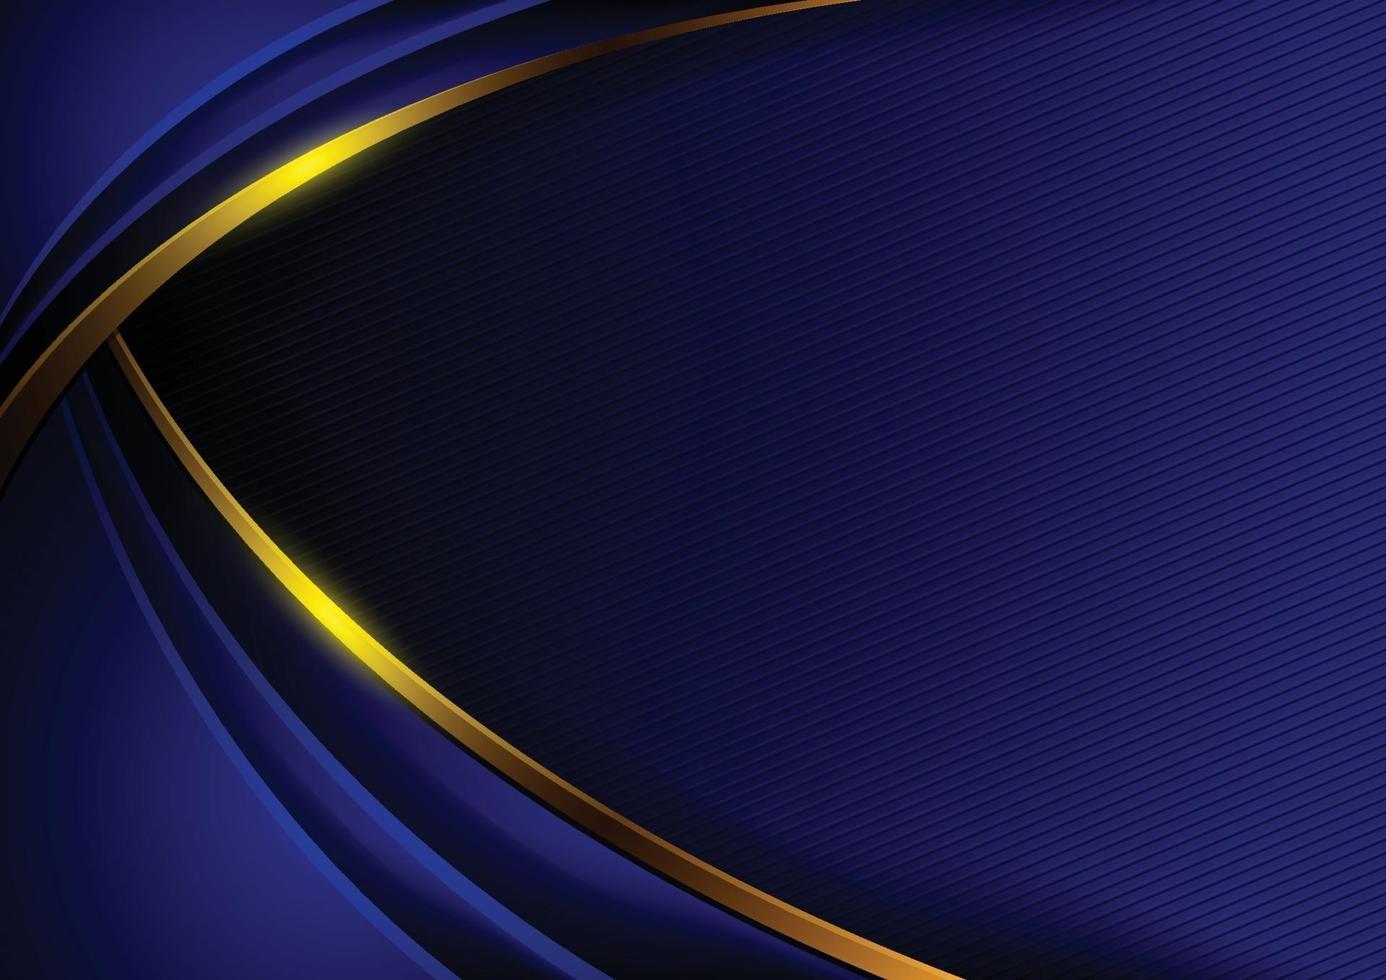 abstracte achtergrond in donkerblauwe tinten met gouden rondingen. vector